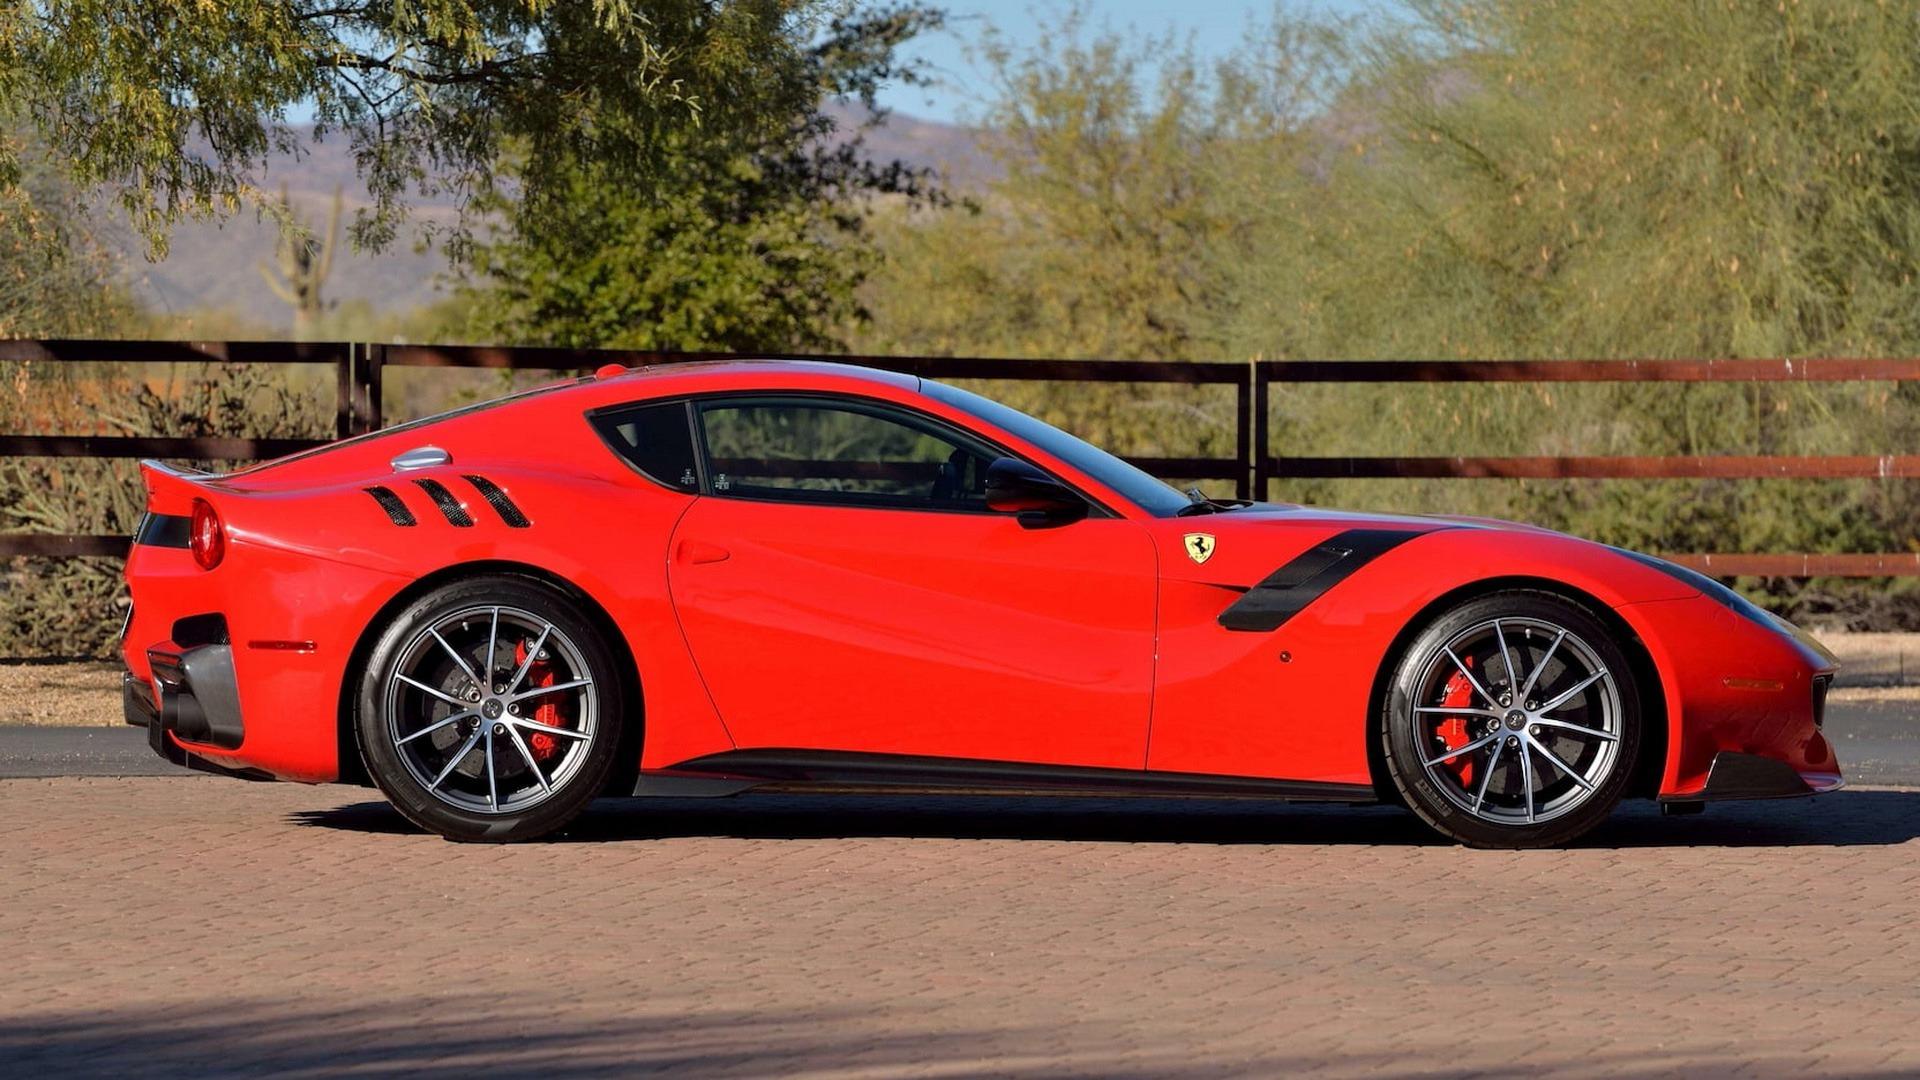 Penske_Ferrari_F12TdF_sale_0002